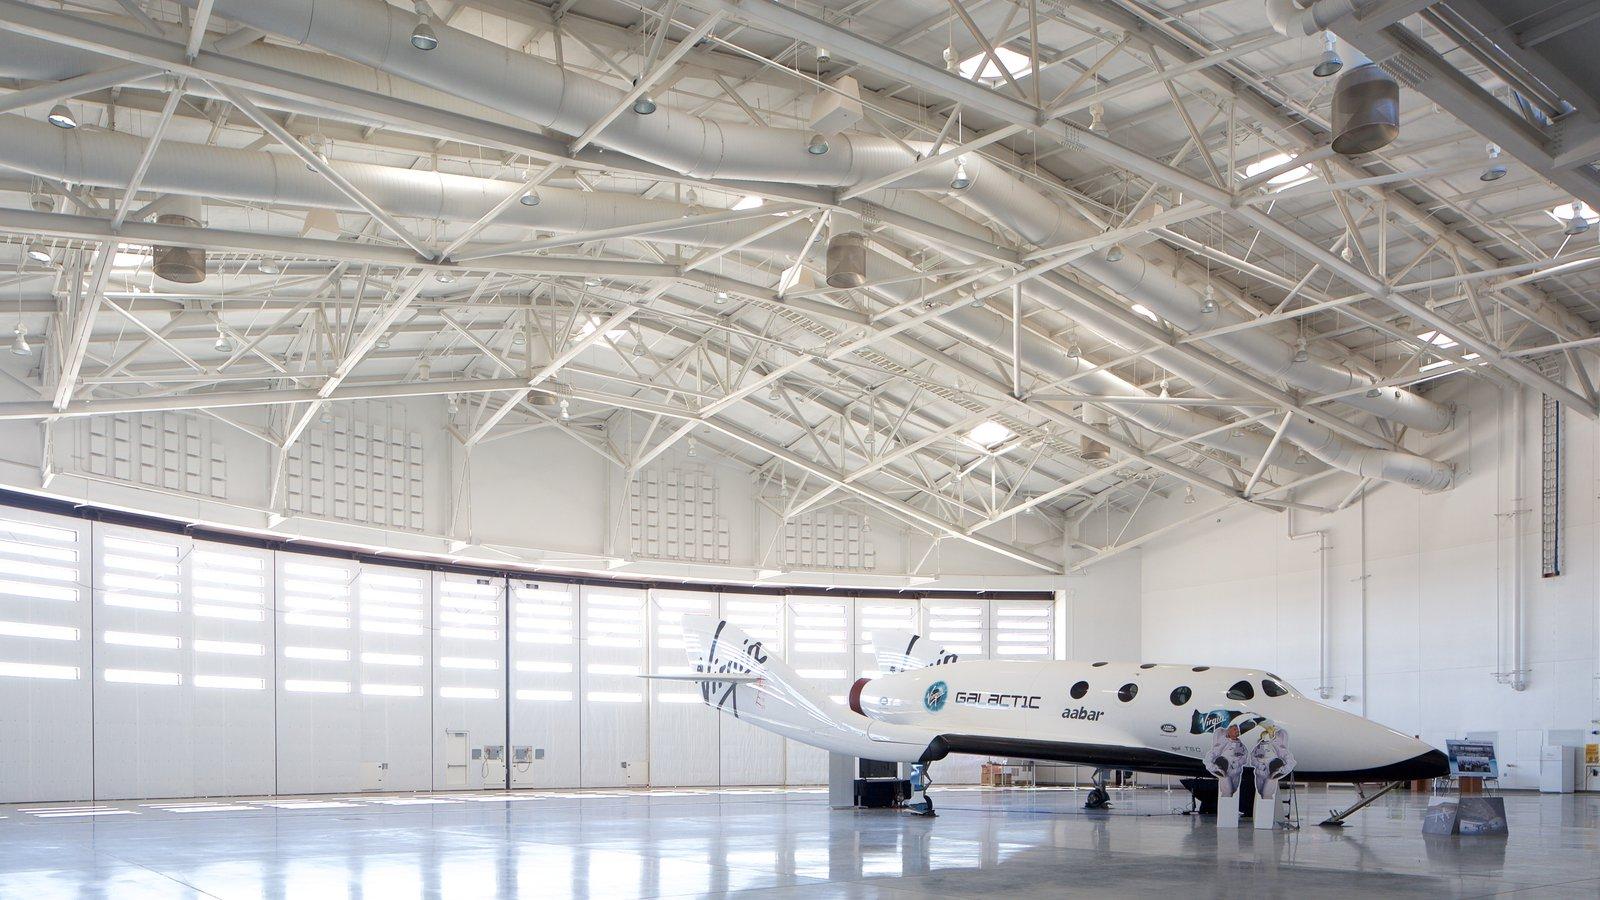 Truth or Consequences mostrando vistas interiores y aeronave